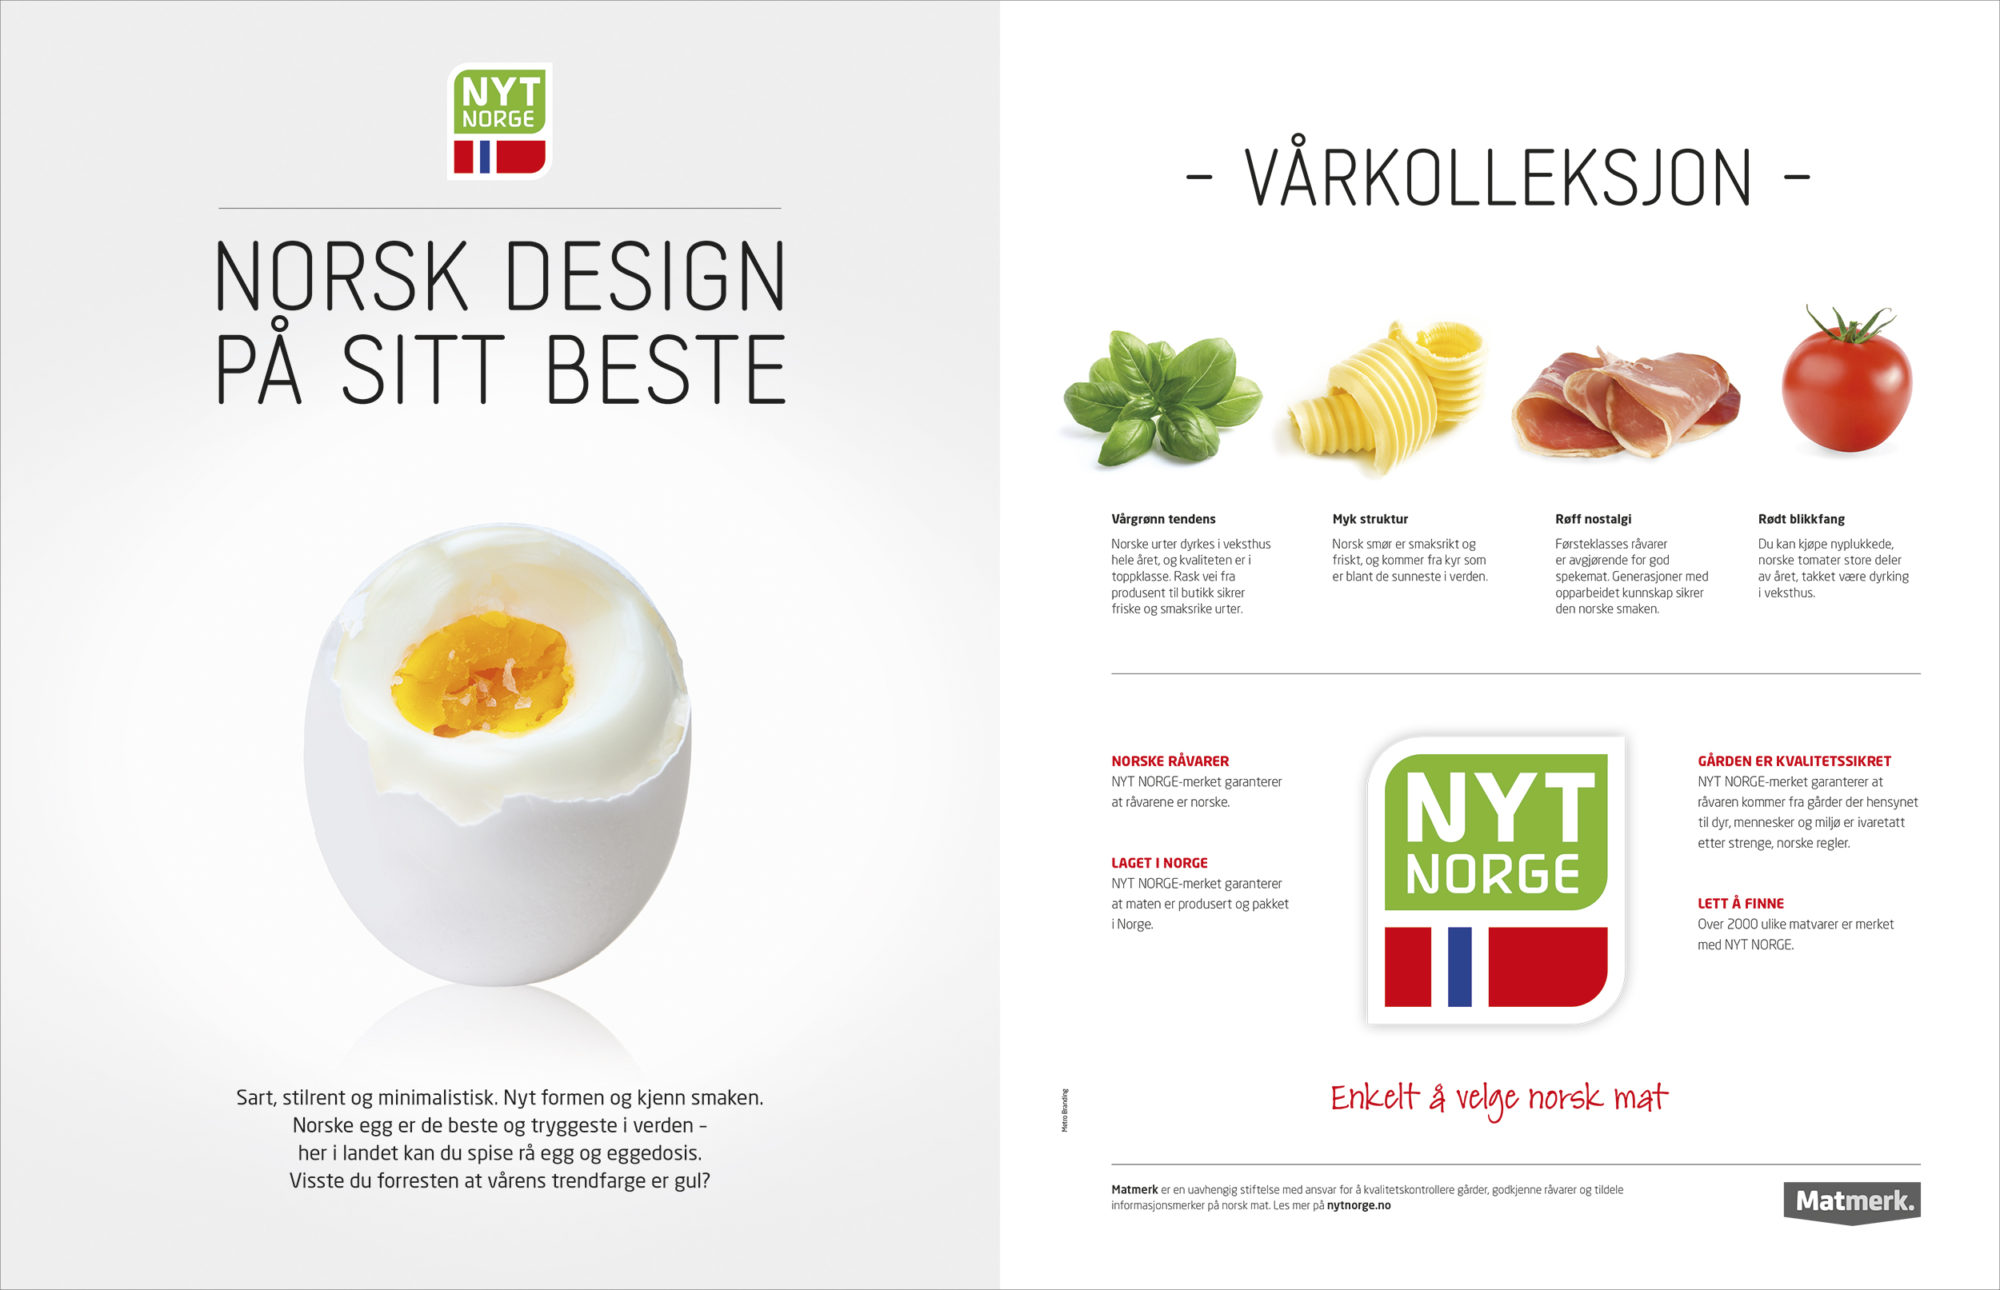 Annonse fra Matmerk